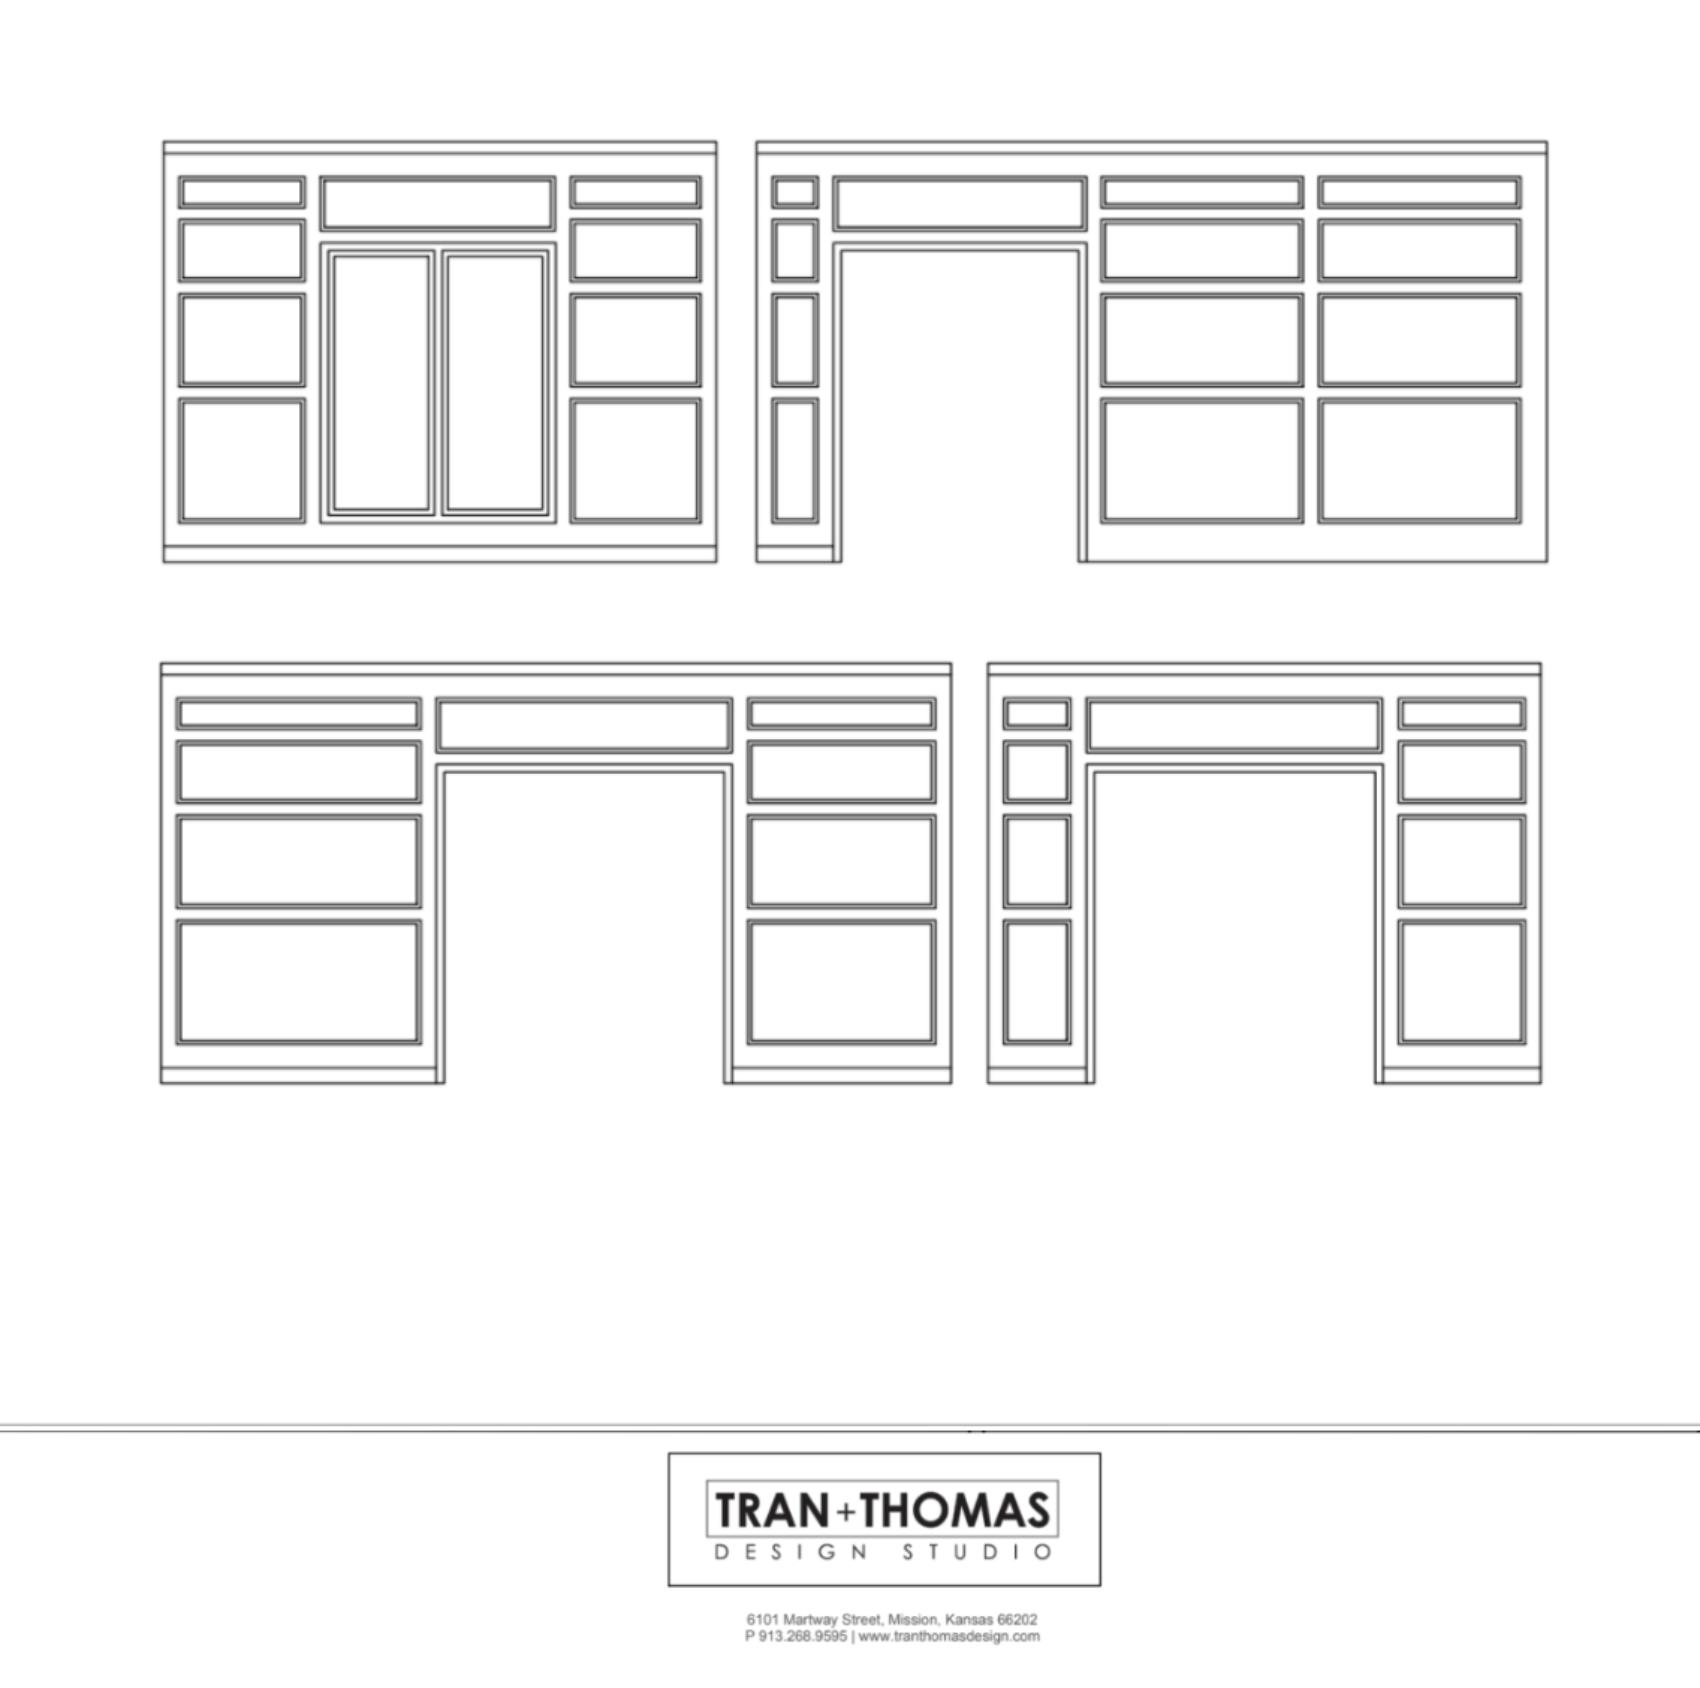 Custom home design and interior design Kansas City, top interior designers